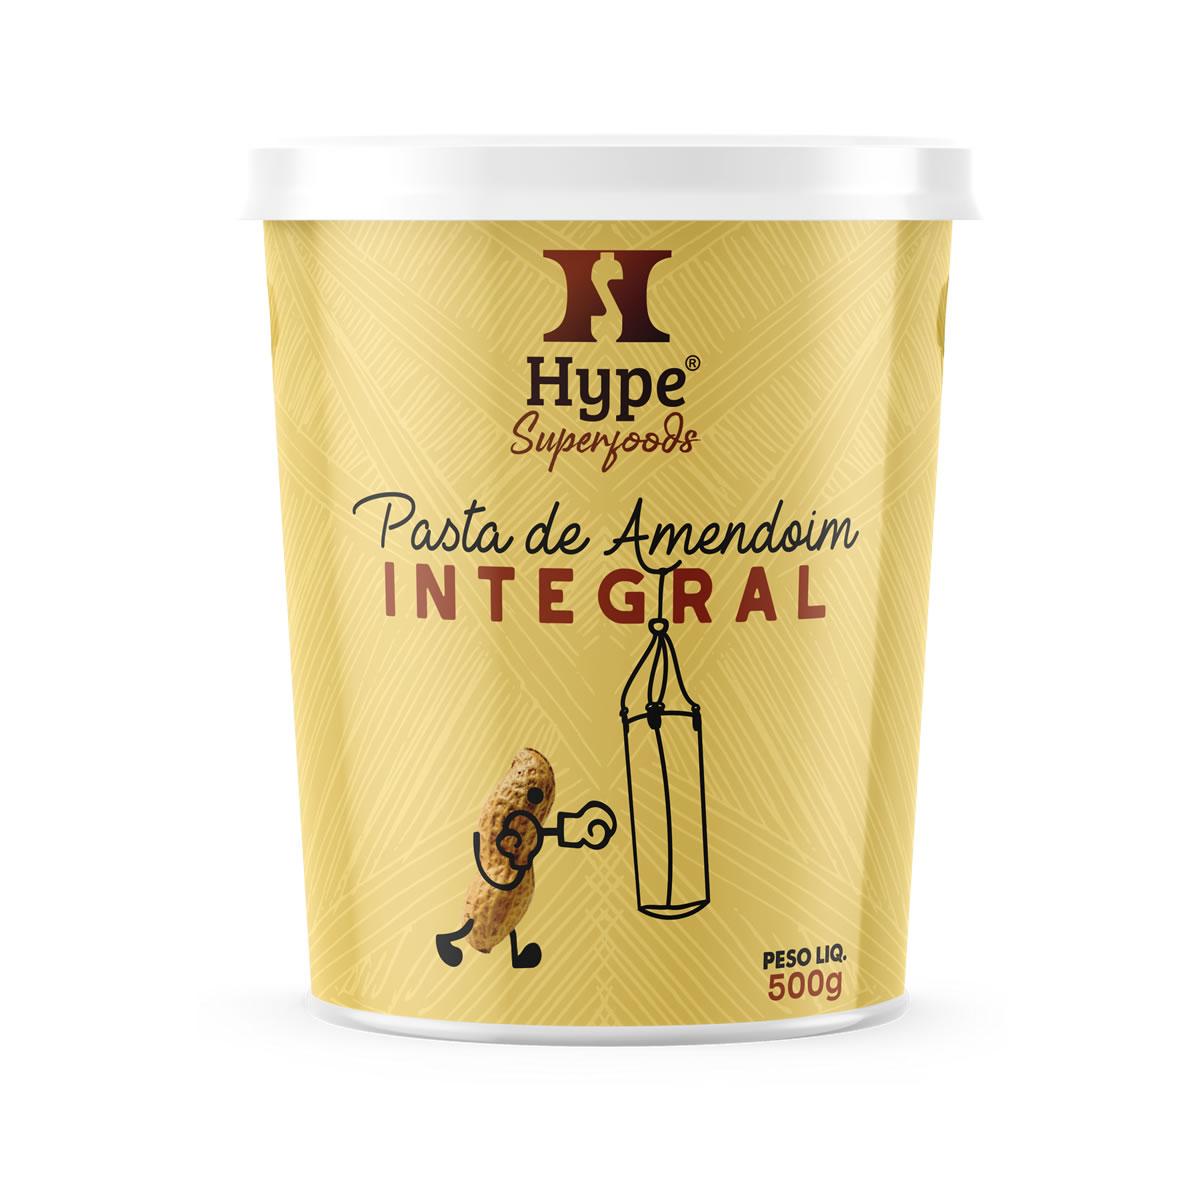 Pasta de Amendoim Integral 500g - Hype